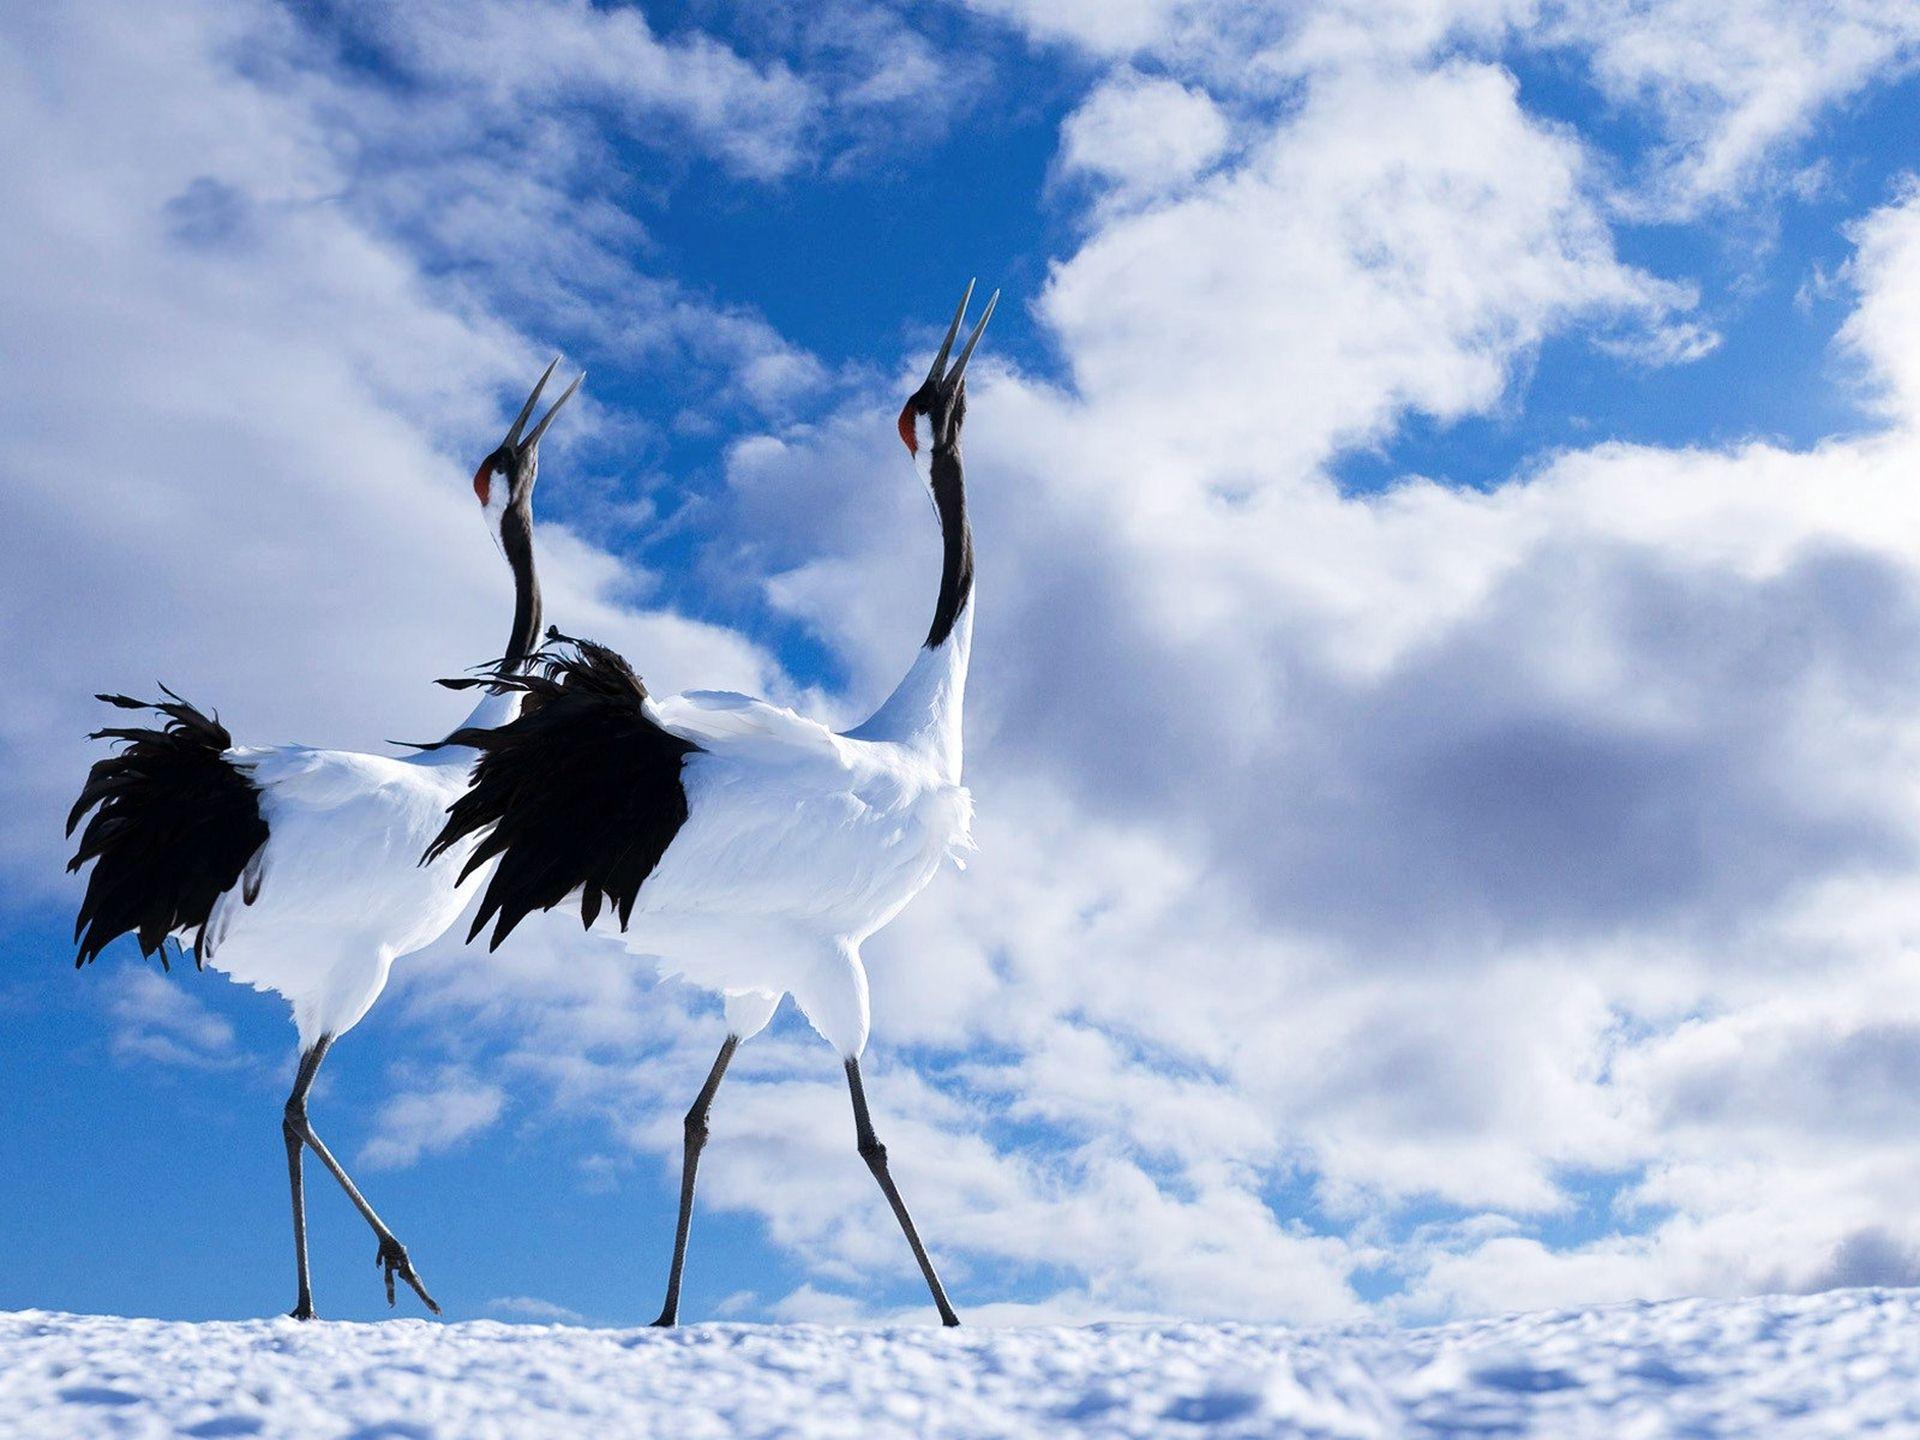 crane bird wallpaper hd